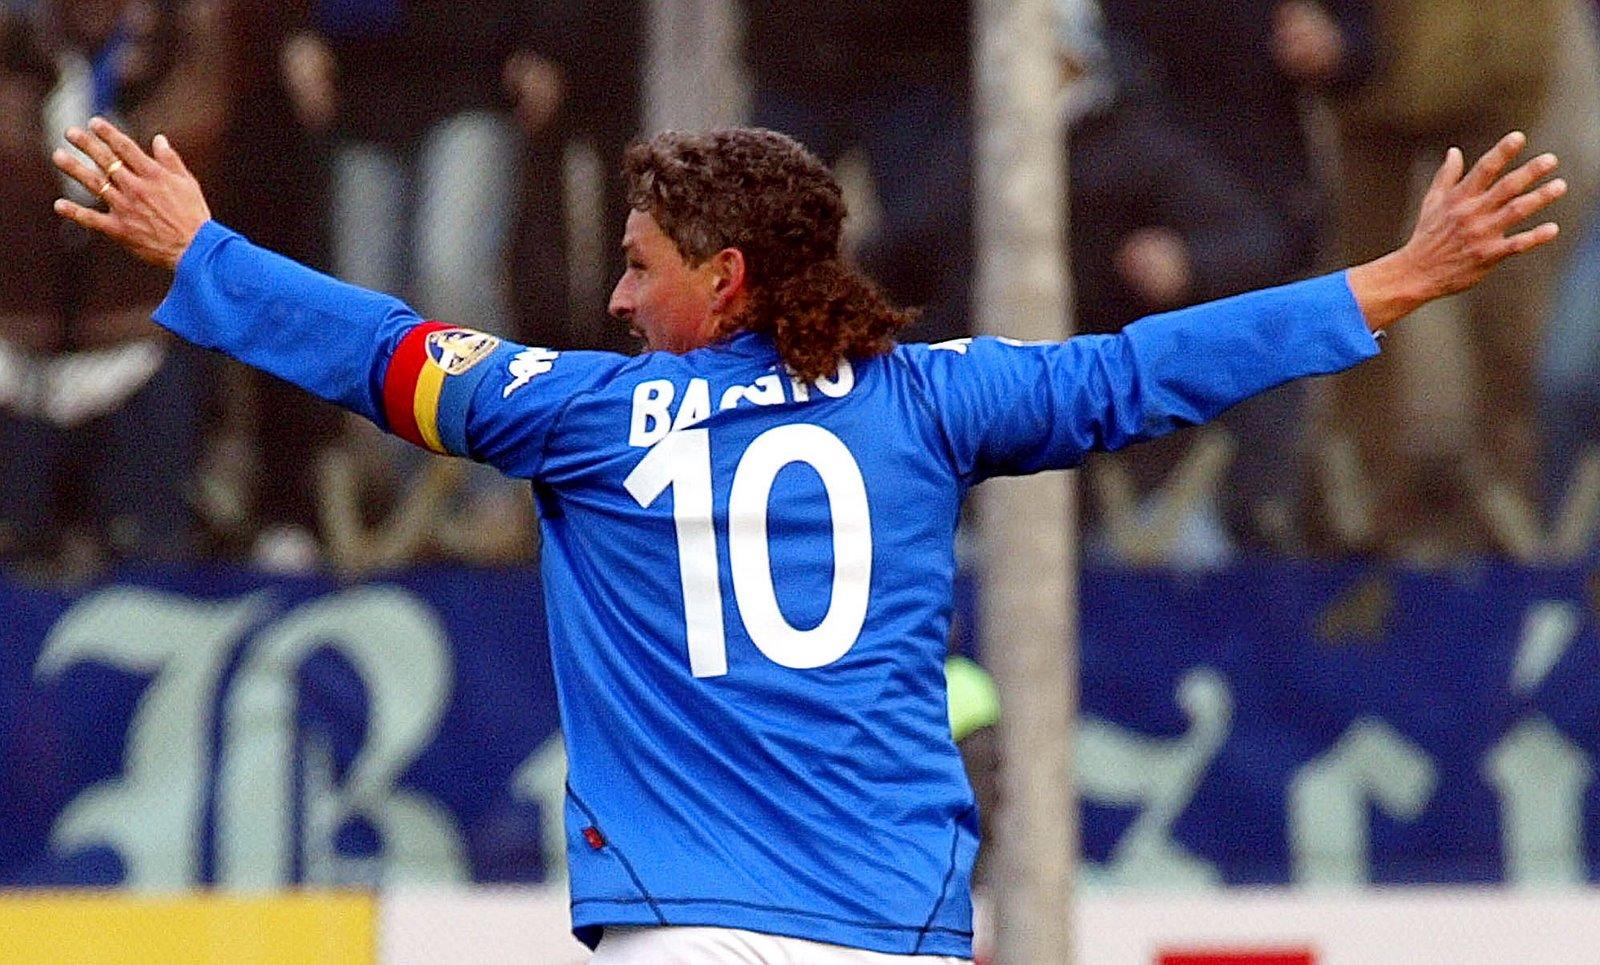 Mondiali 2014: Baggio spera che Balotelli faccia meglio di lui